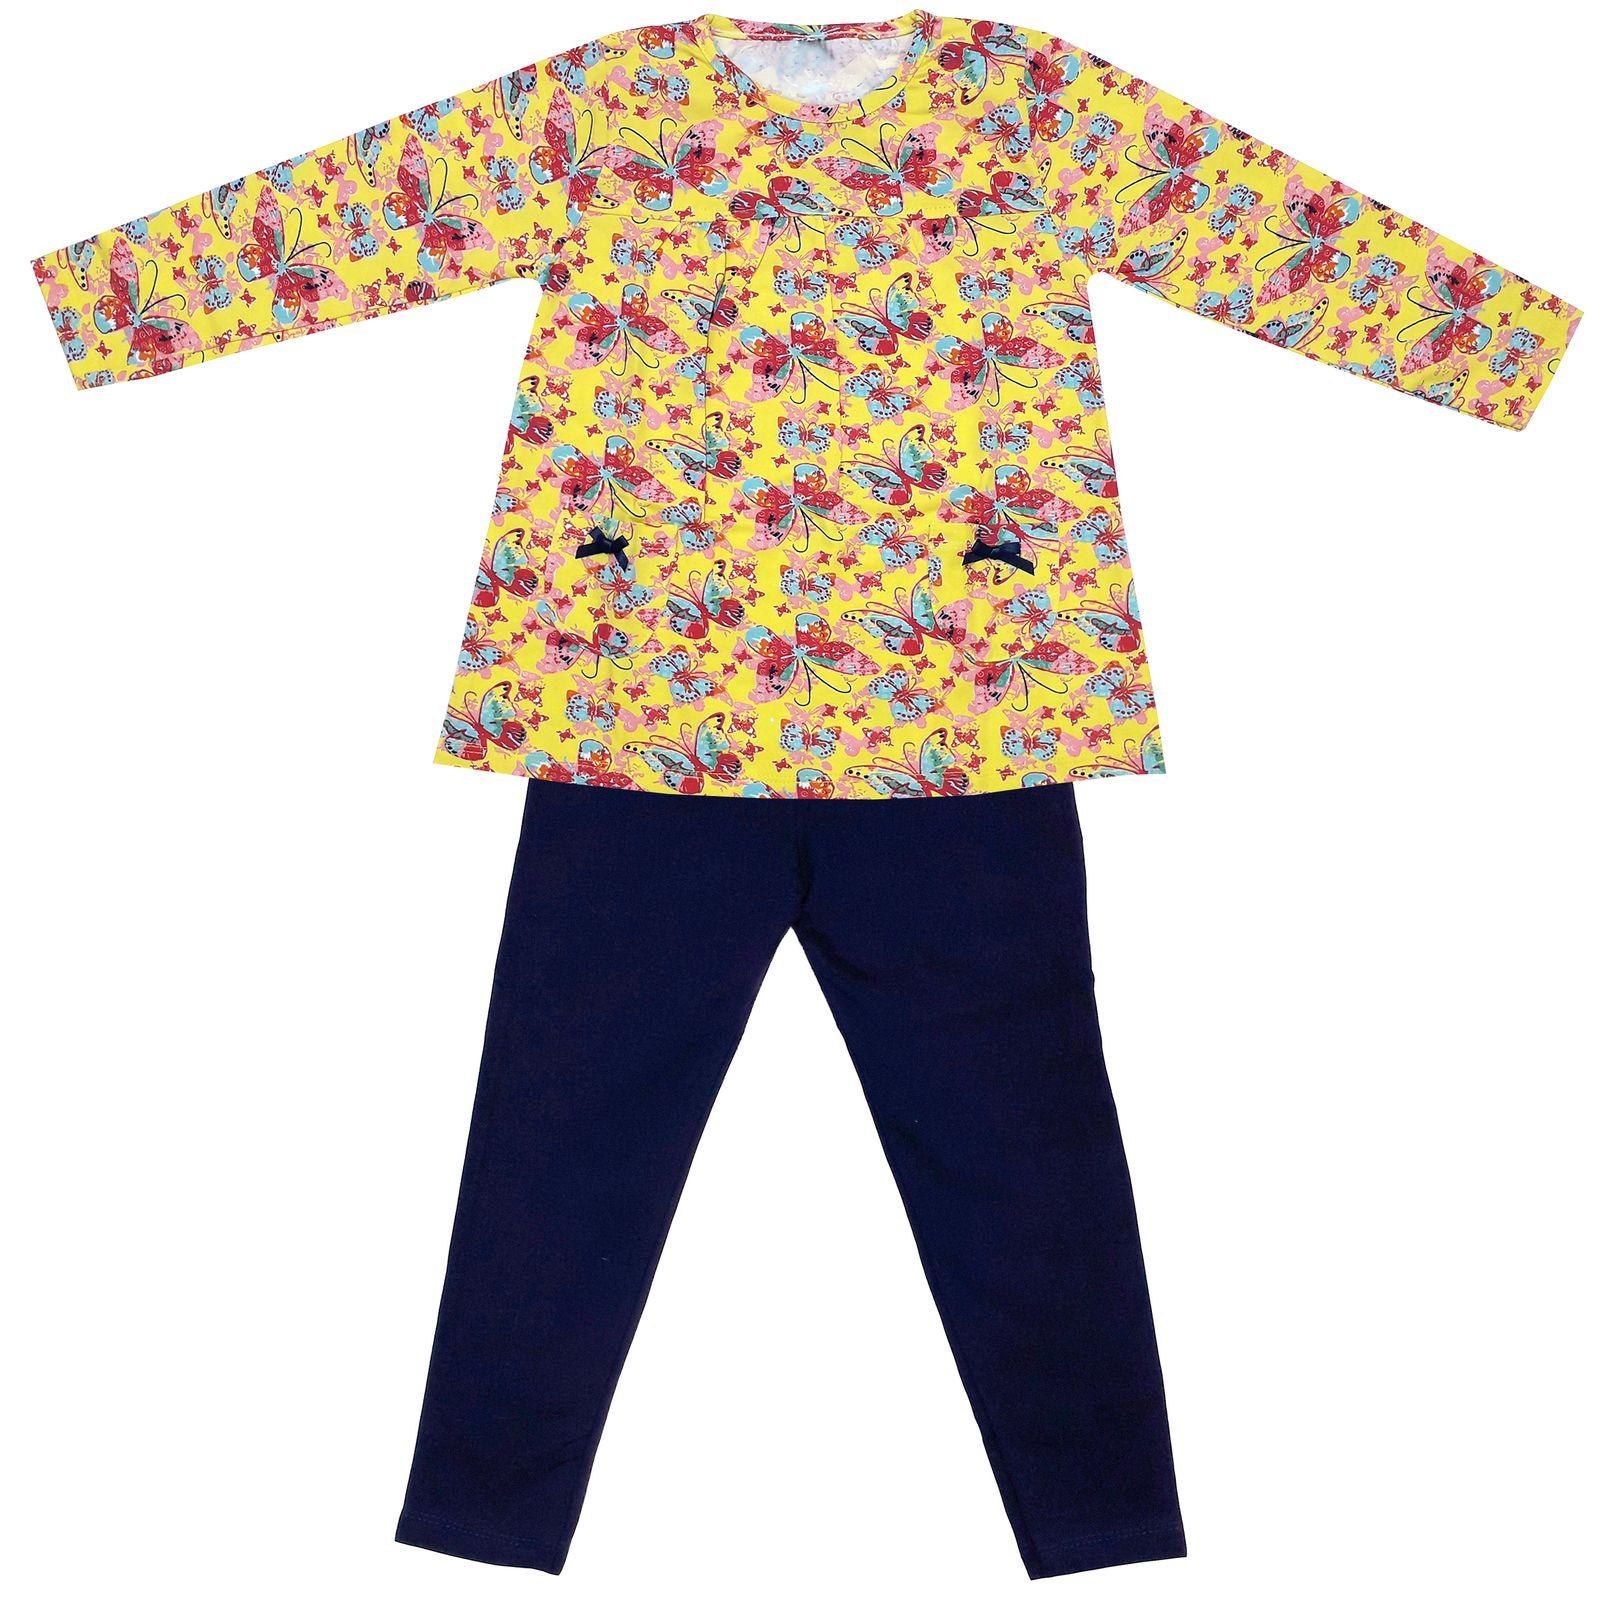 ست تی شرت و شلوار دخترانه طرح پروانه کد 3071 رنگ زرد -  - 2